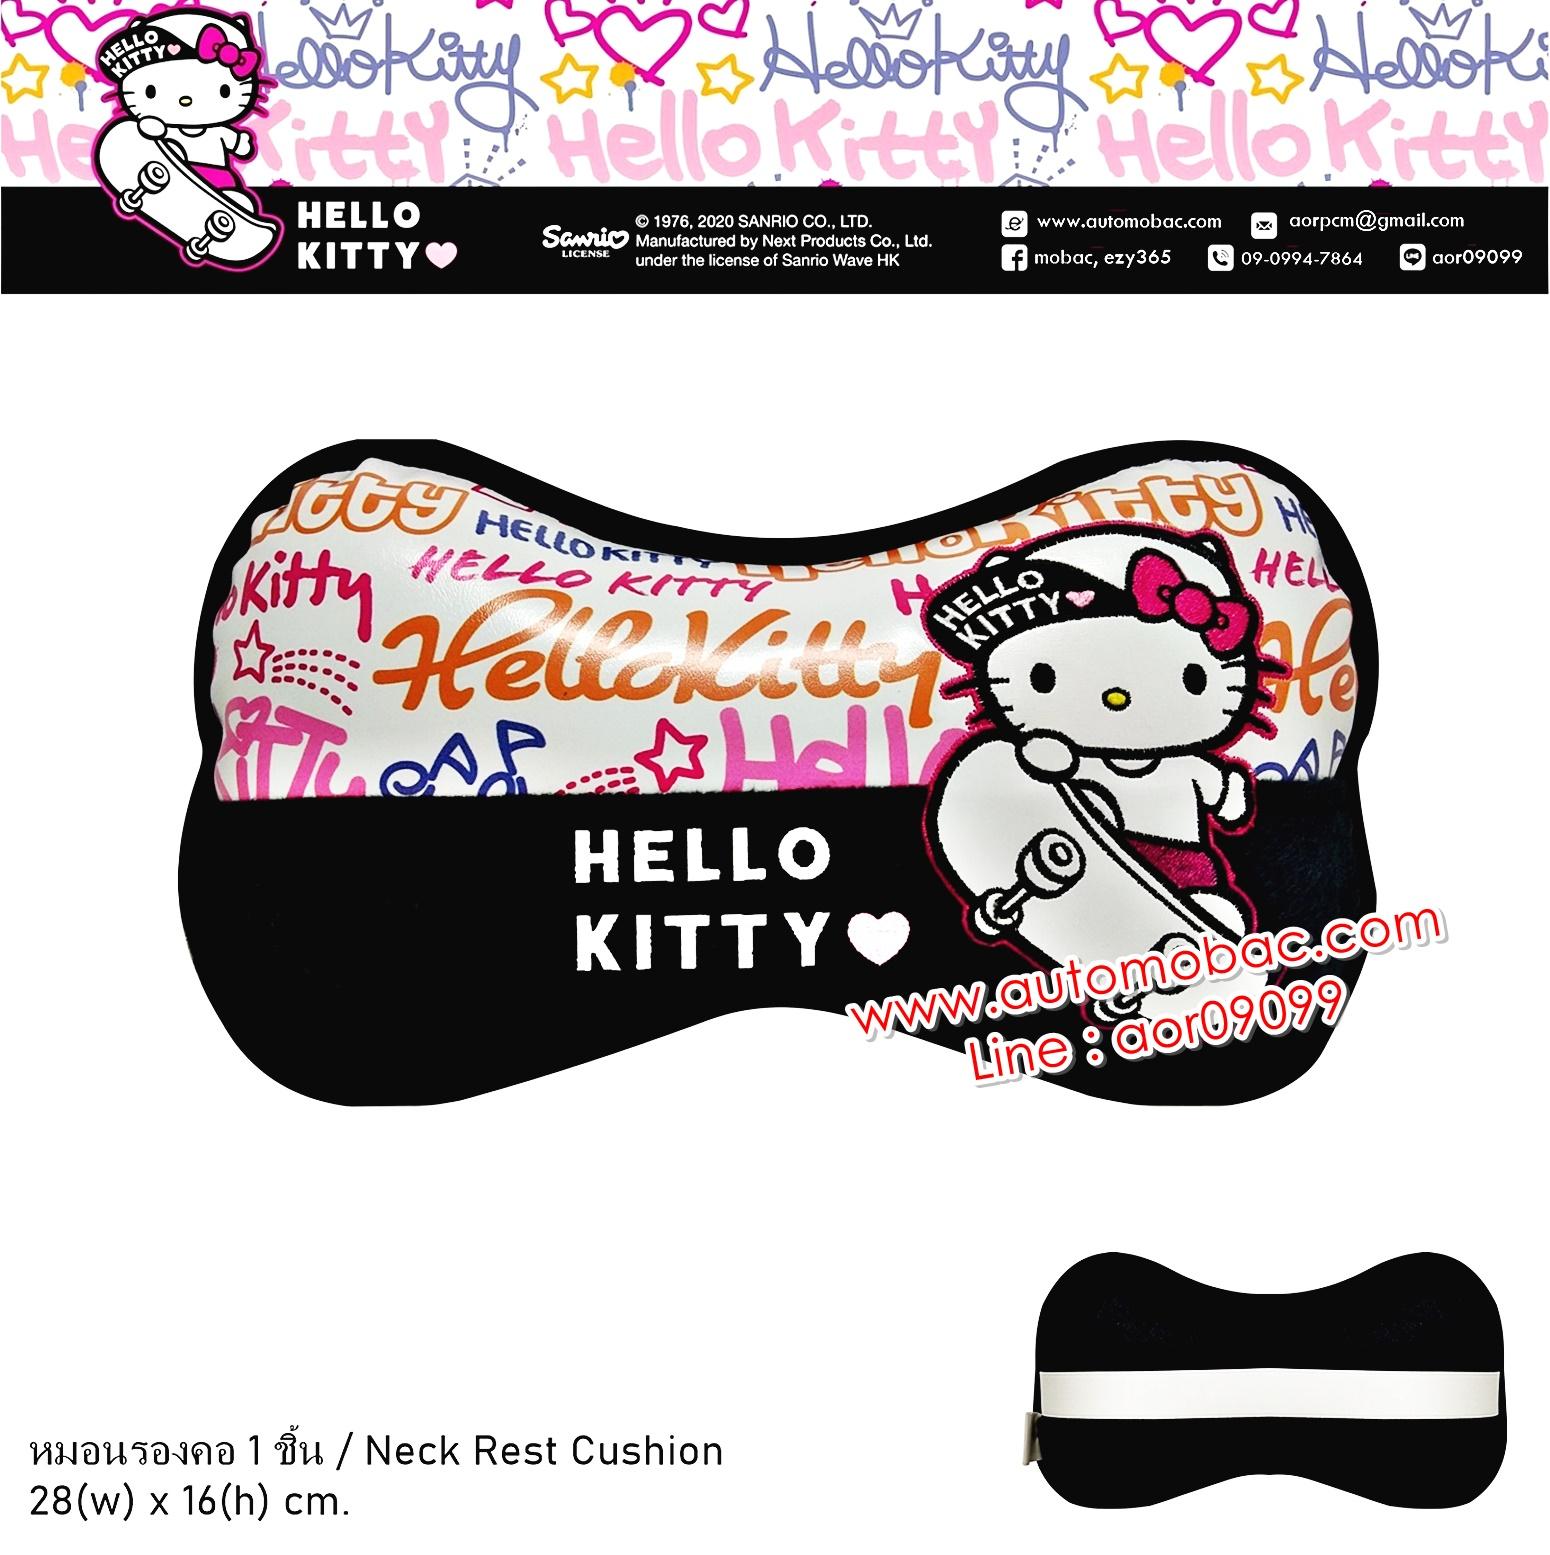 Kitty Street หมอนรองคอ ทรงกระดูก 1 ใบ งานผ้าผสมหนัง ขนาด 28 x16cm. สำหรับหนุนคอ ลดอาการปวดเมื่อย